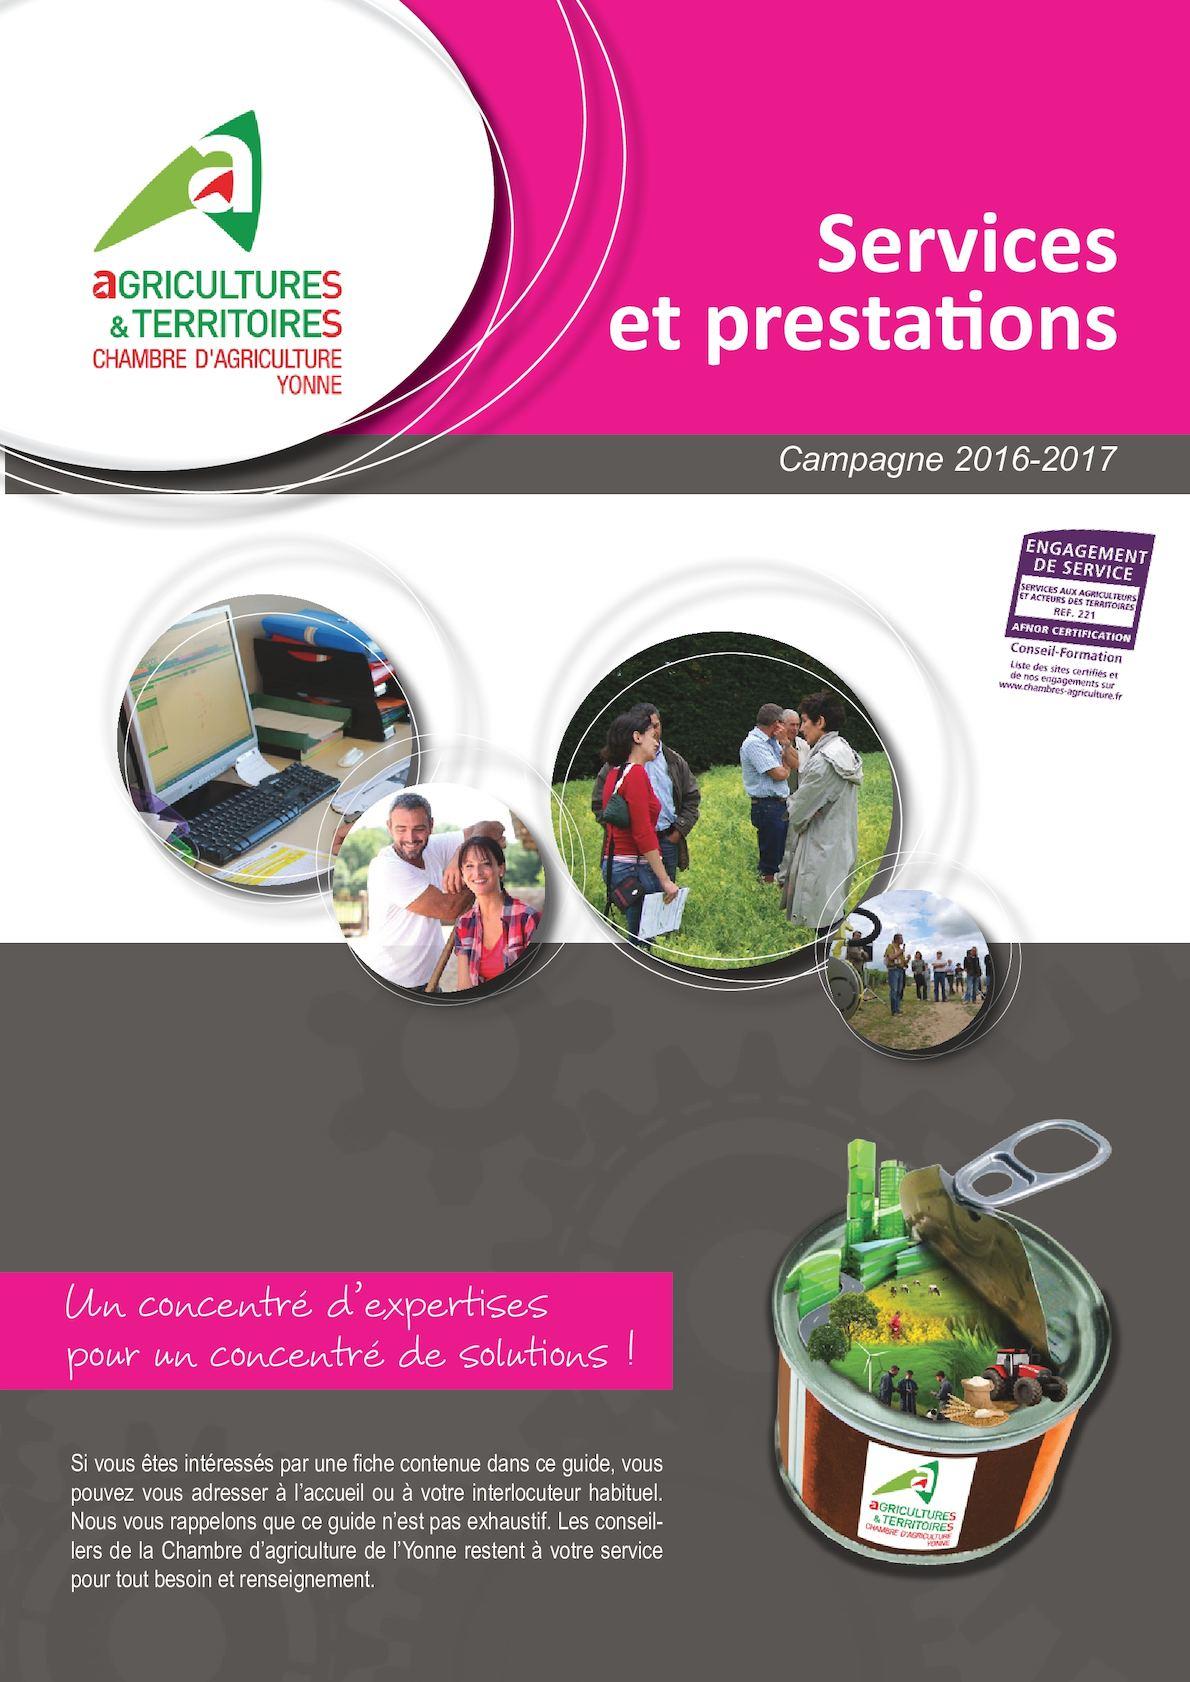 Calam o le guide des services - Chambre agriculture yonne ...